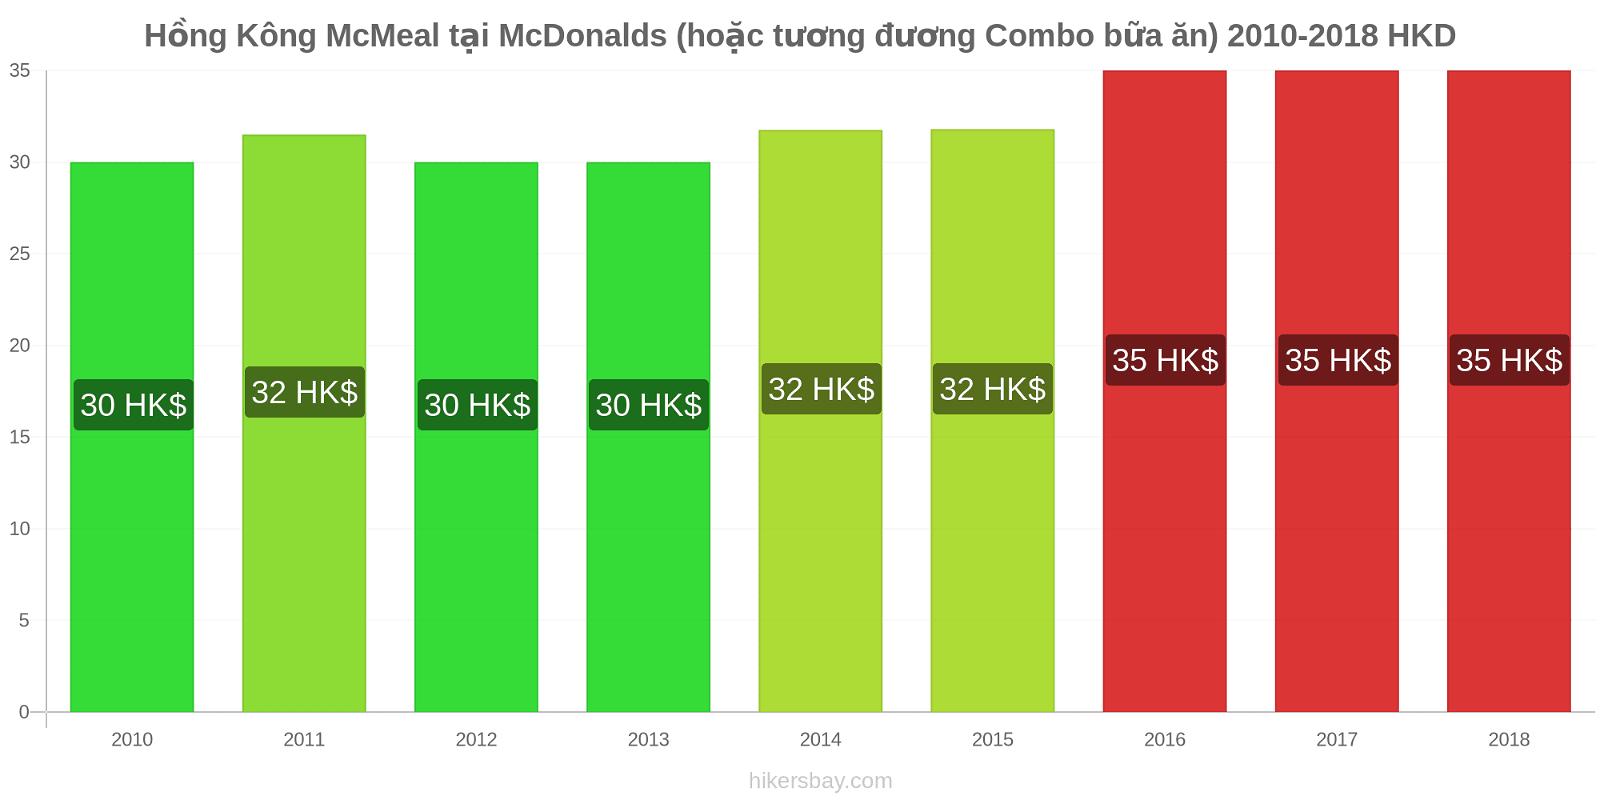 Hồng Kông thay đổi giá McMeal tại McDonalds (hoặc tương đương Combo bữa ăn) hikersbay.com